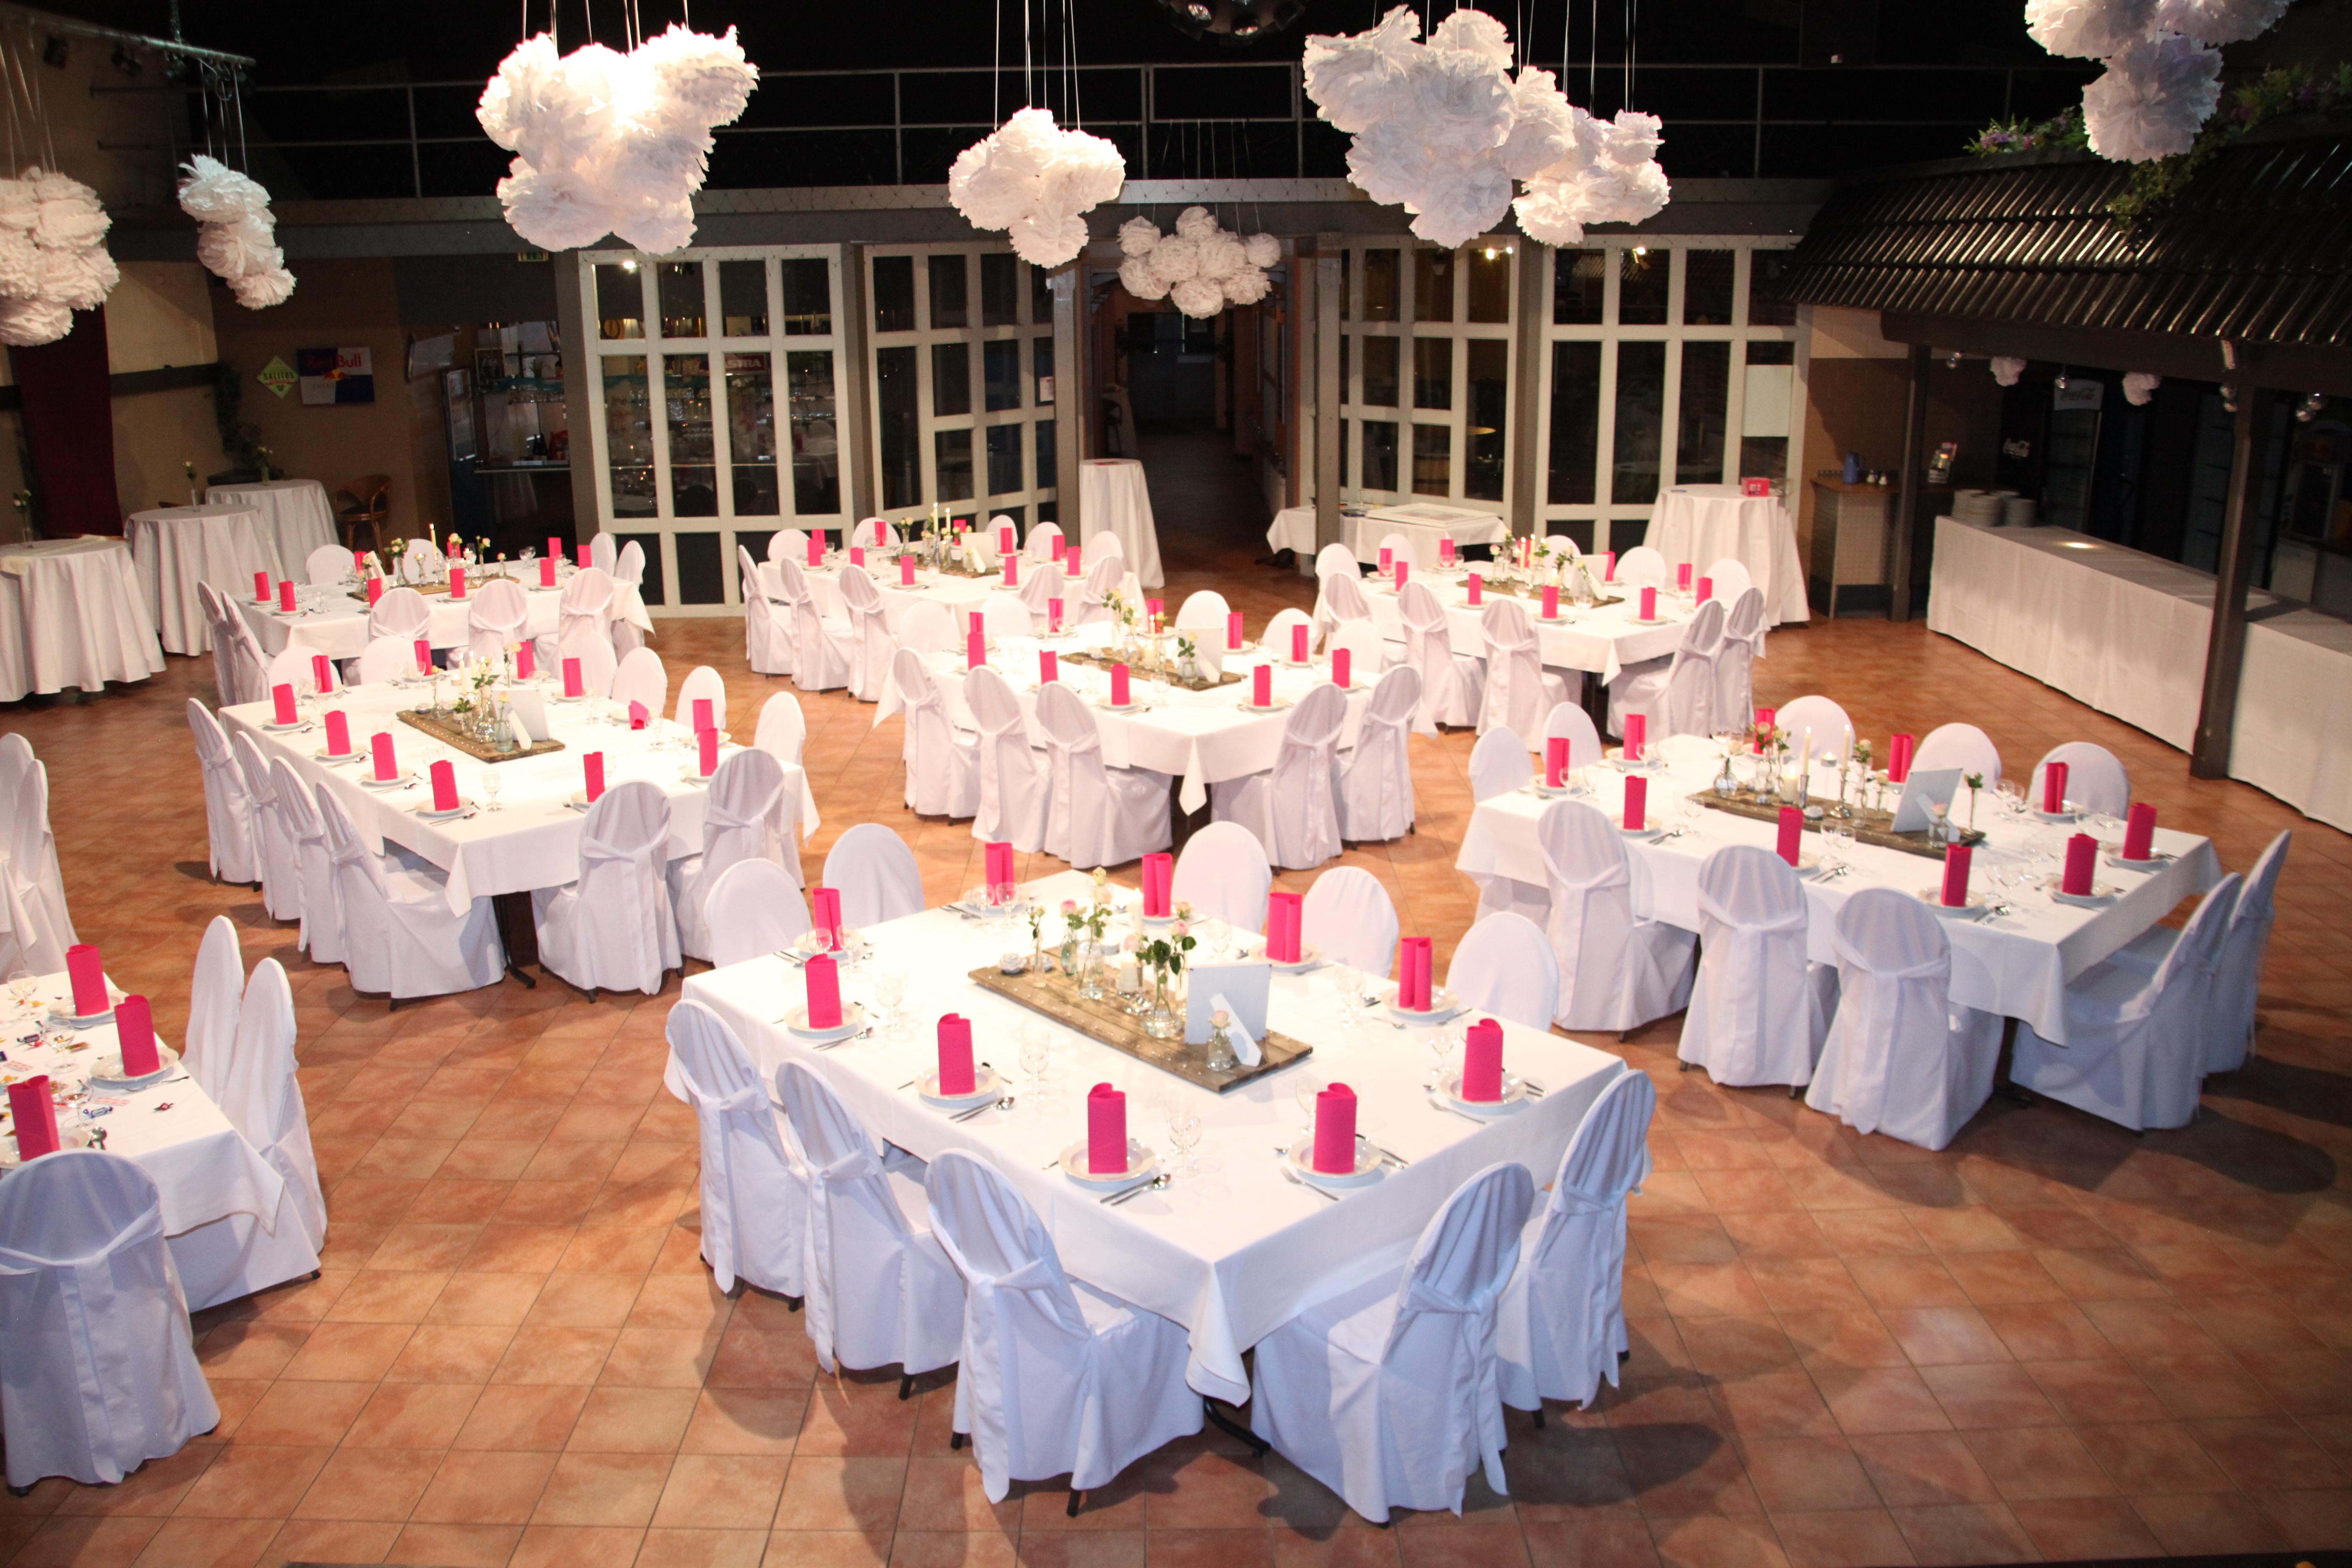 Festlich gedeckte Tische im KUBUS Kultur- und Eventhalle